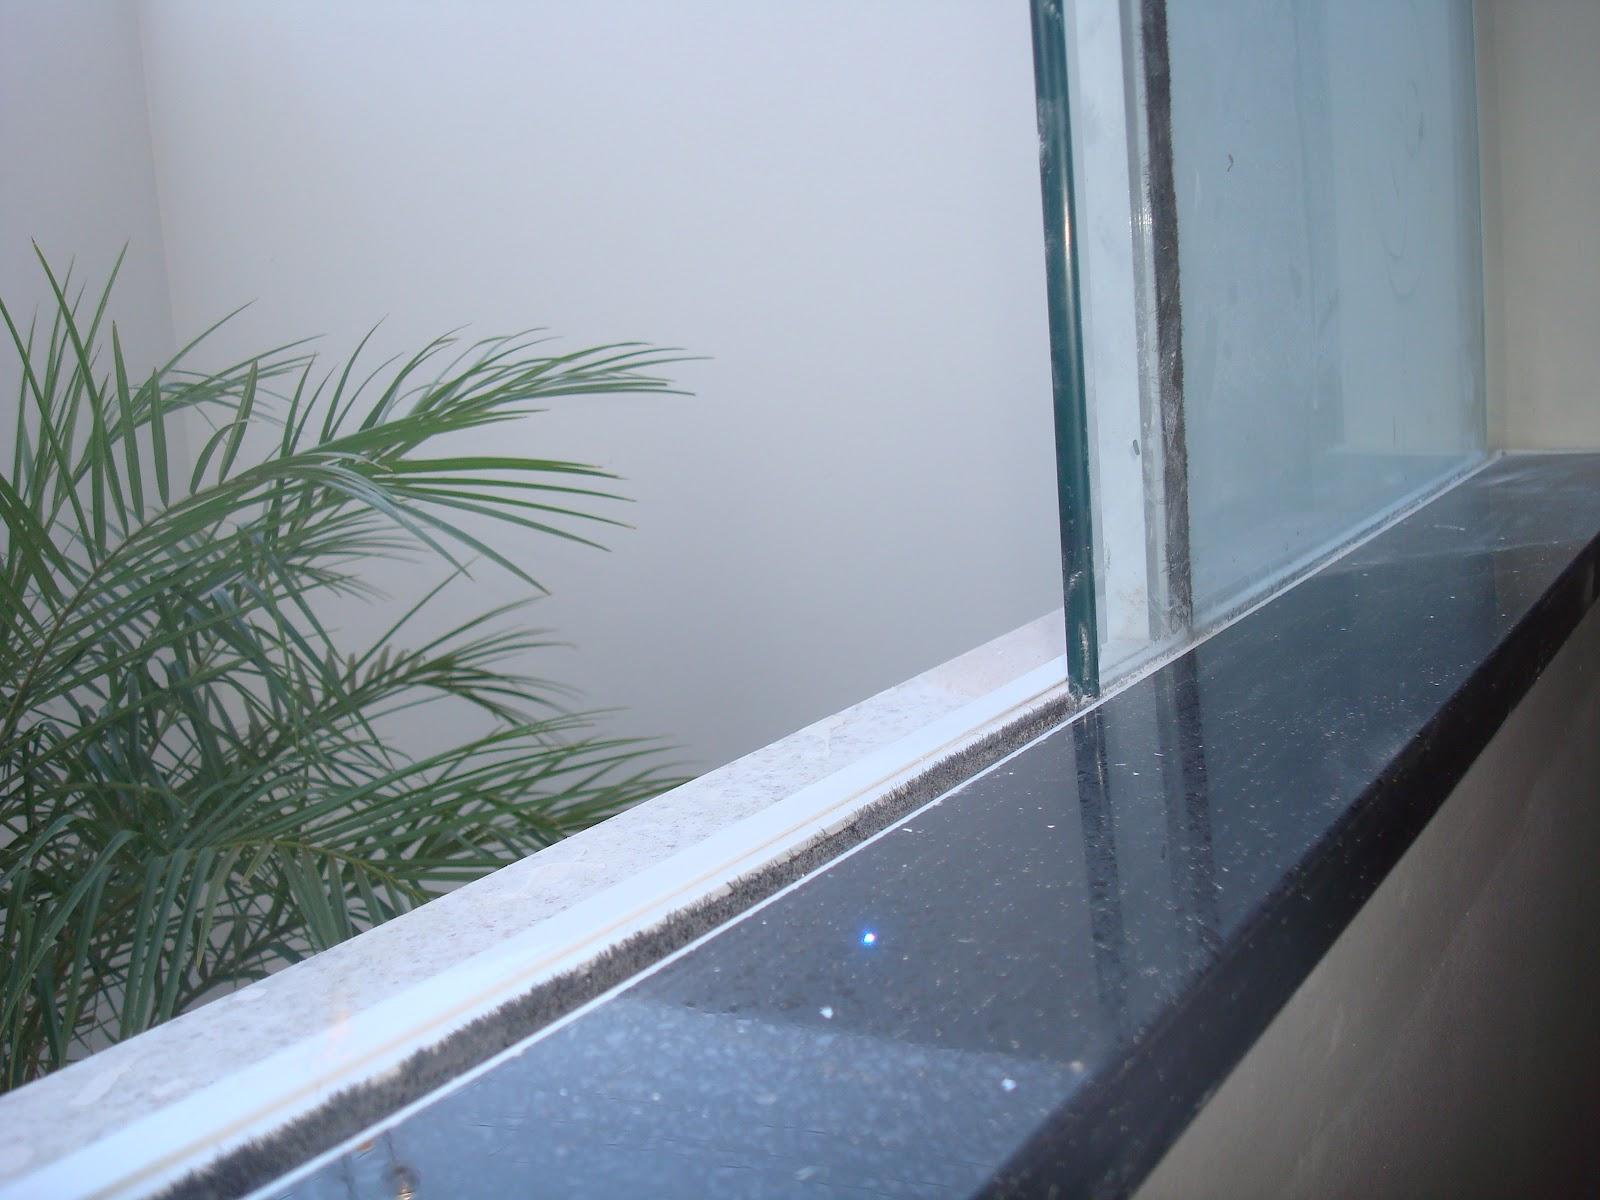 Cozinha virada em 1/2 esquadria Ouro Negro uma pedra só reta. #4A5E81 1600x1200 Banheiro Branco Siena